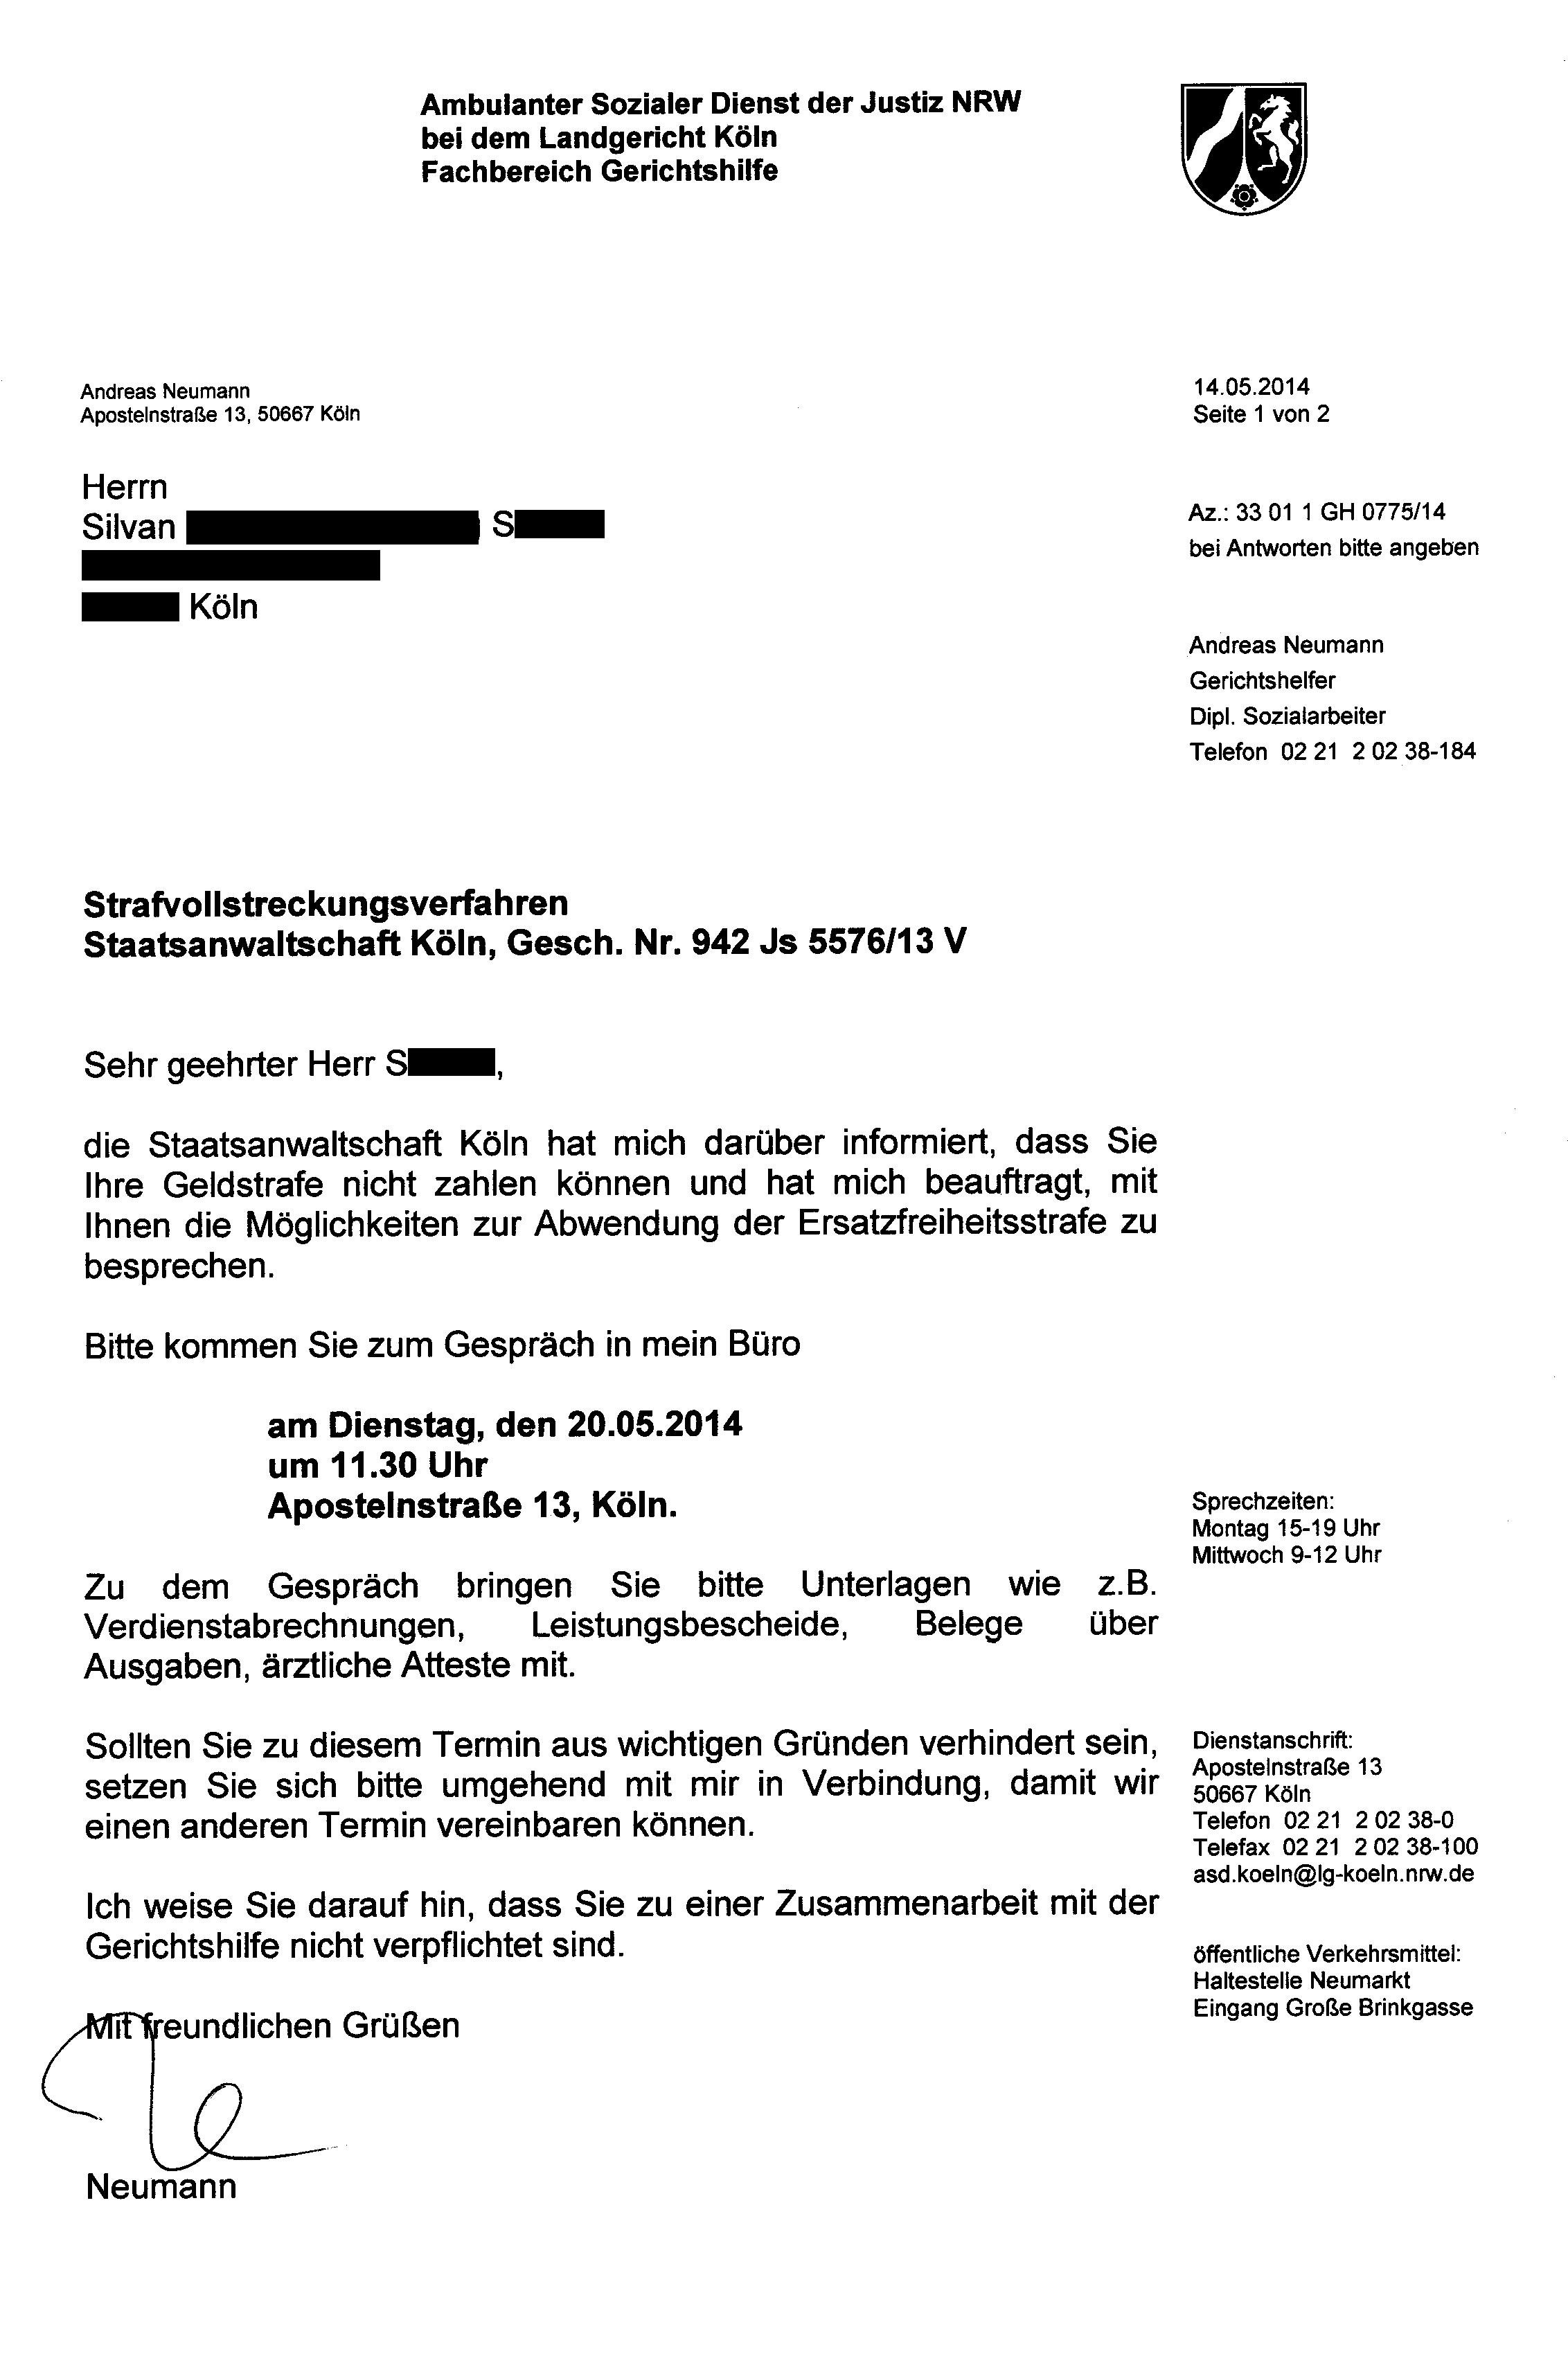 Nazi Gesetze Brd Nazi Justiz Von Dj Silvan